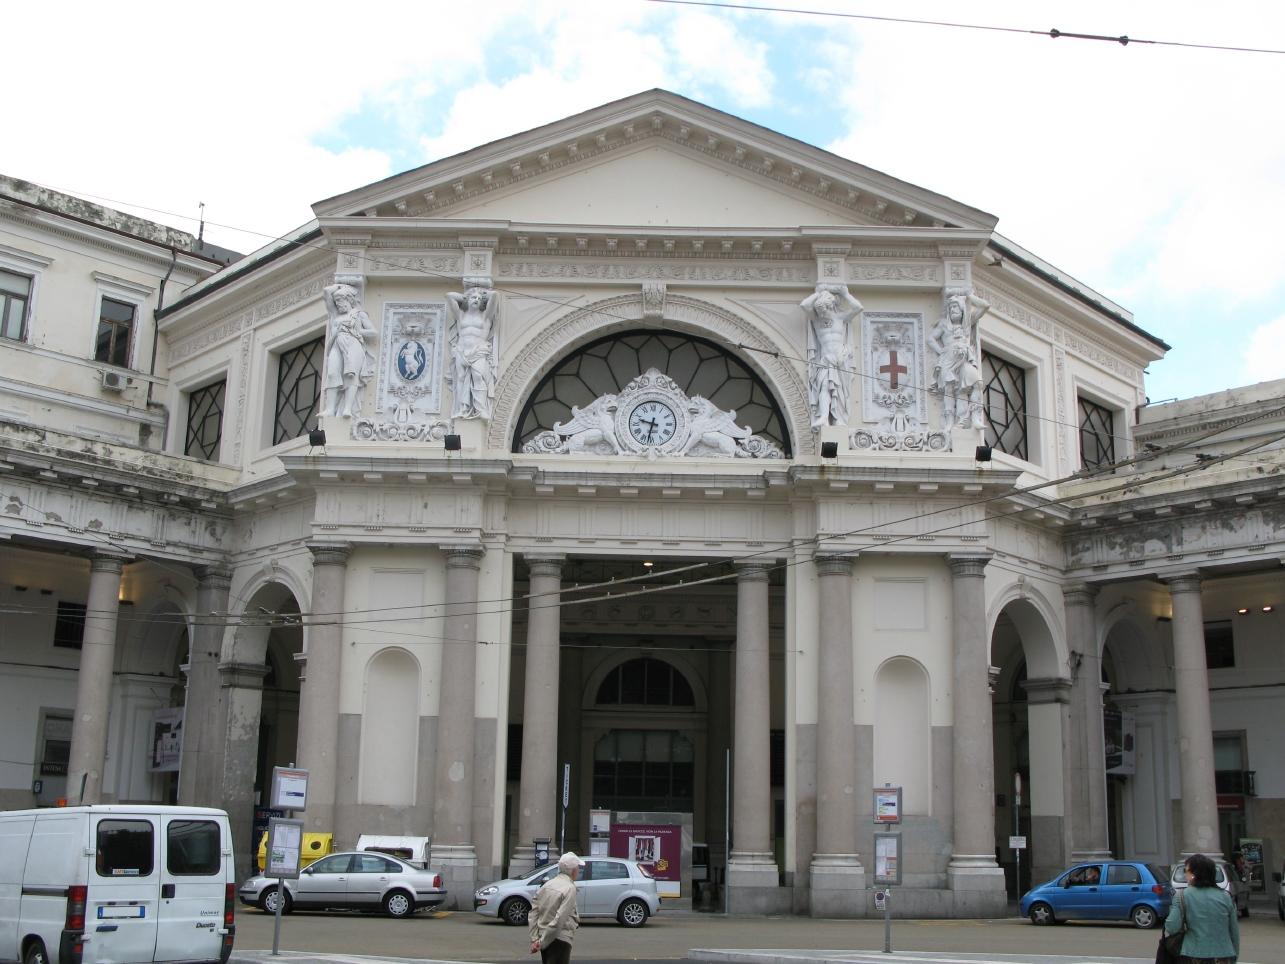 Stazione Piazza Principe (stazione, ferroviaria) - Genova (GE)